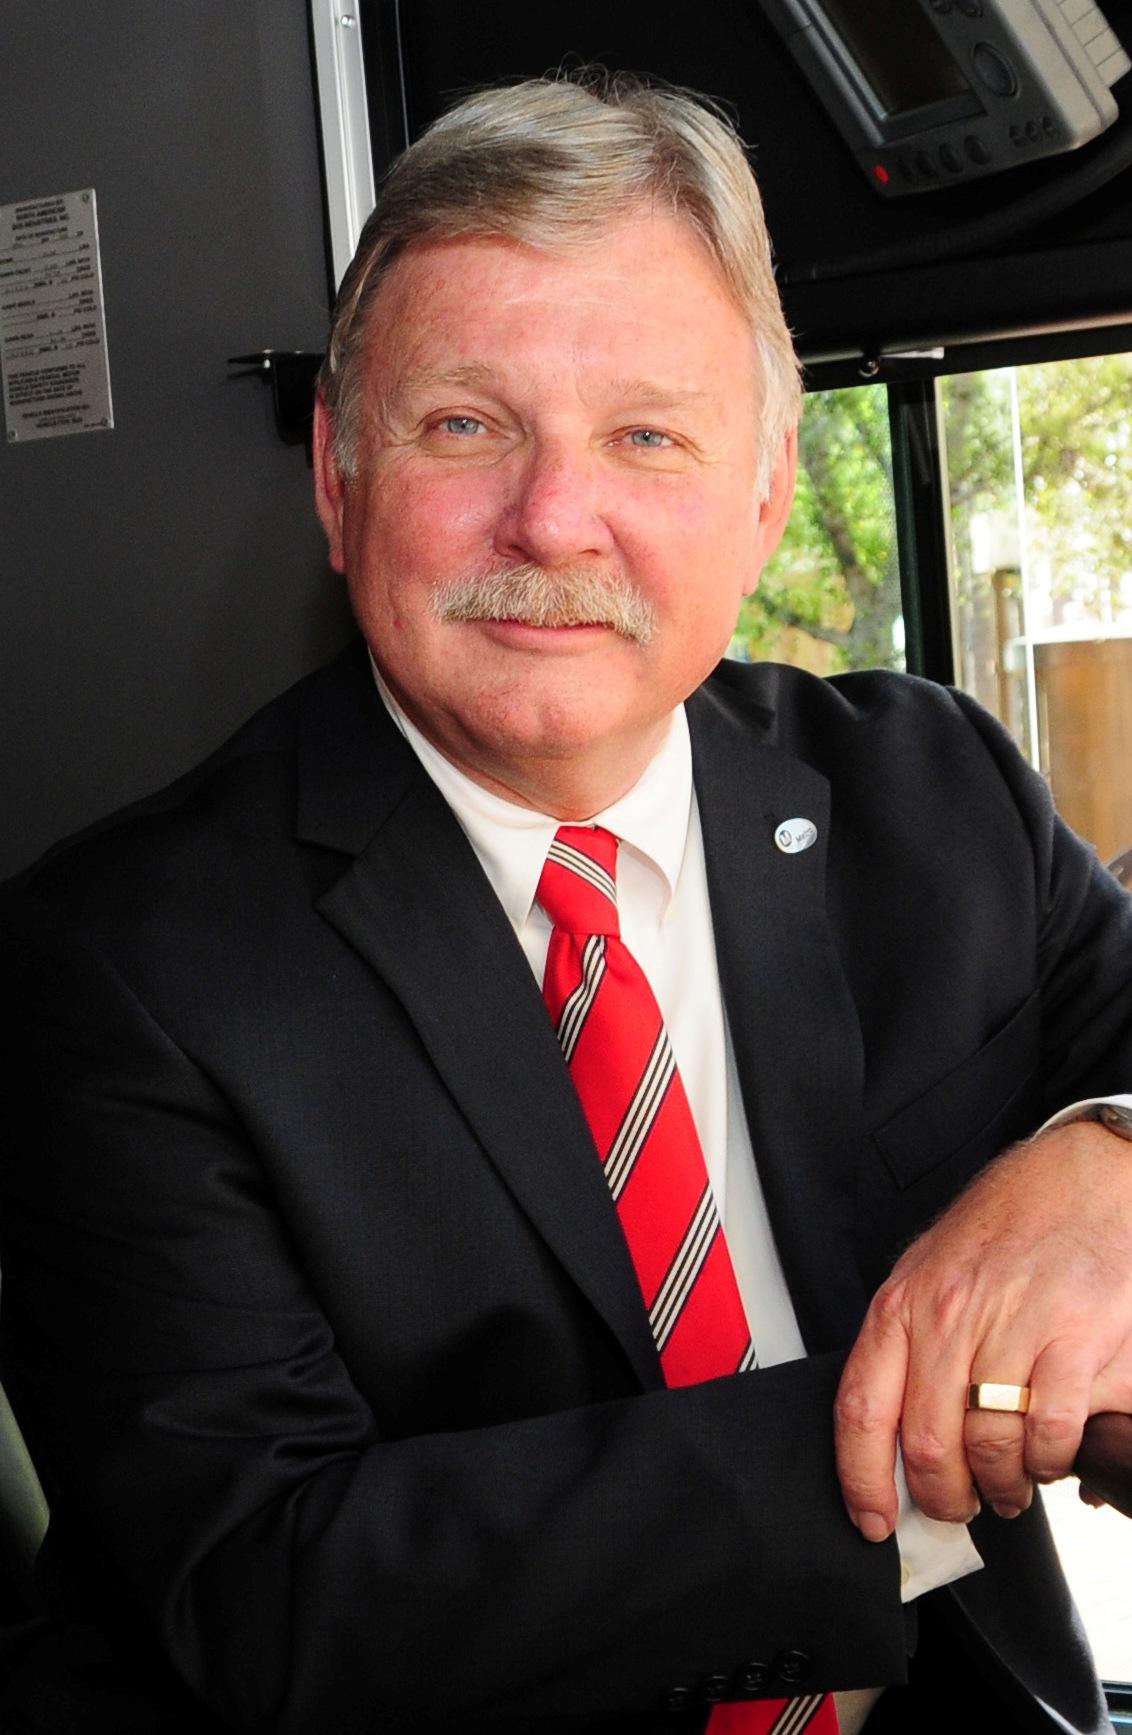 Metro CEO Art Leahy